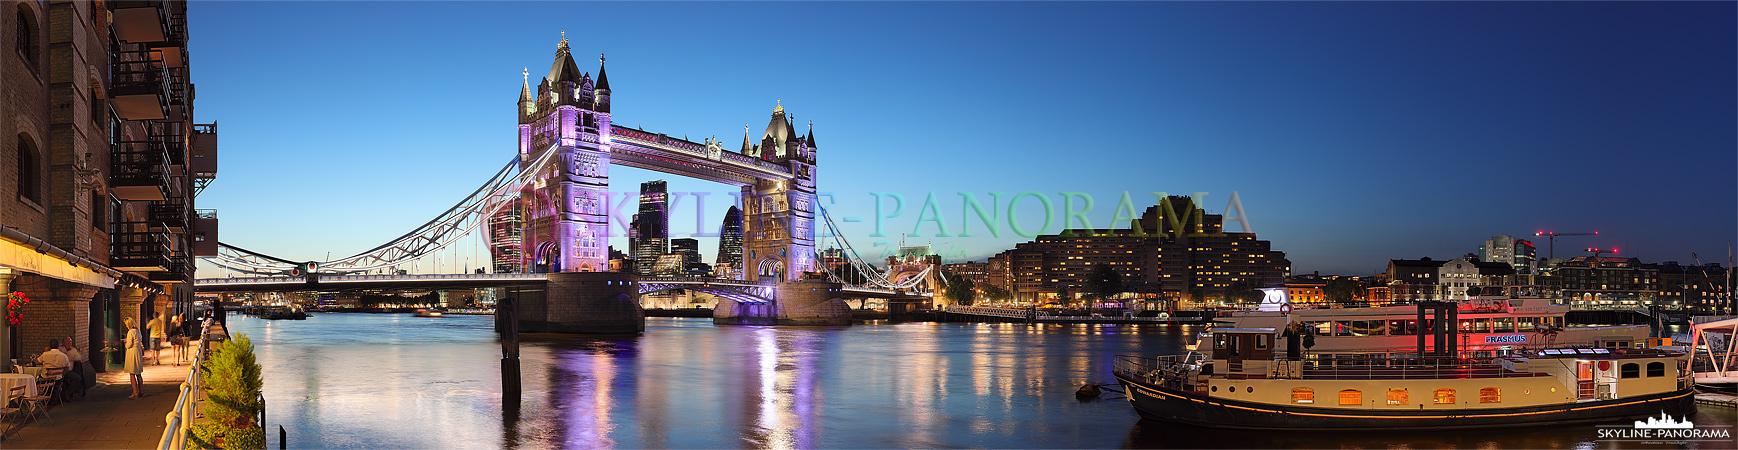 Sehenswürdigkeiten London - Die historische Tower Bridge zählt zu den bekanntesten Sehenswürdigkeiten Großbritanniens und ist zugleich eines der beeindruckendsten Wahrzeichen von London.